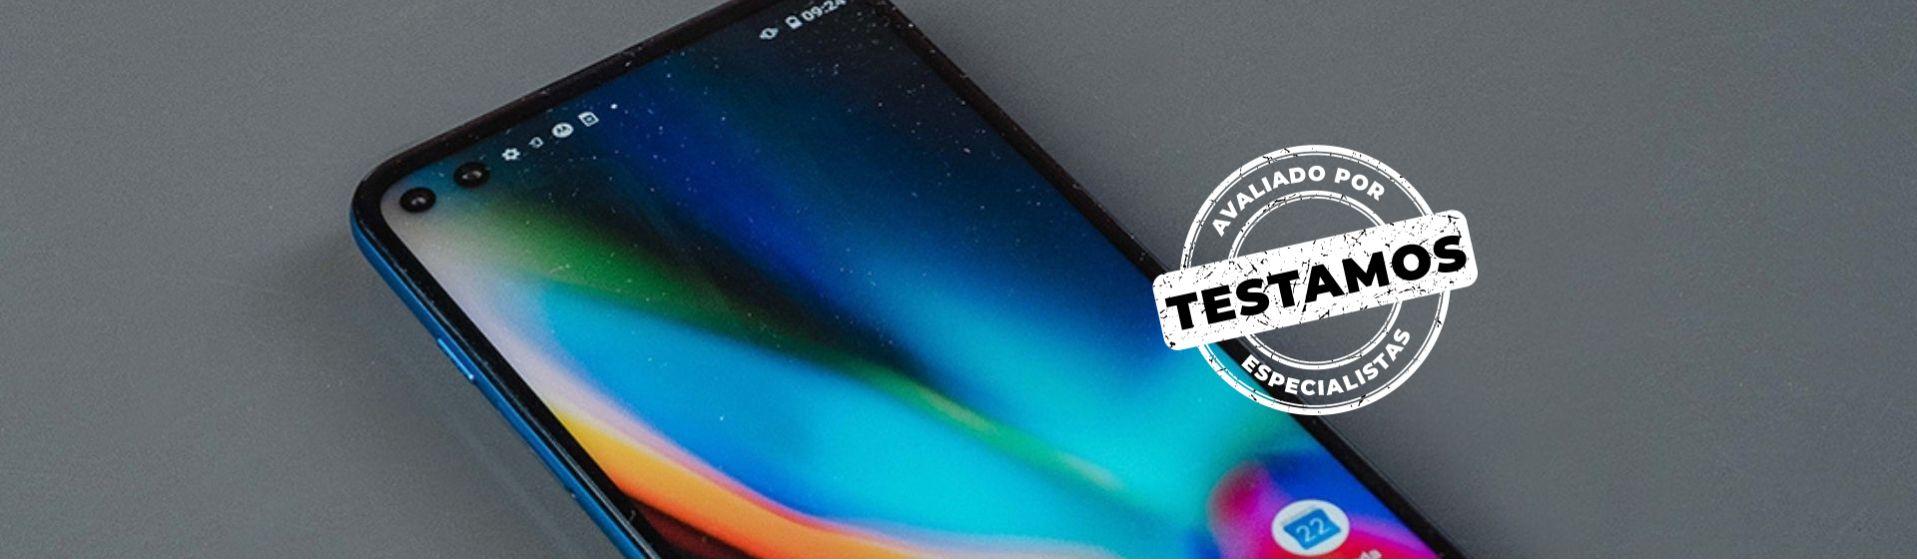 Moto G 5G Plus: ótimo desempenho e bateria potente